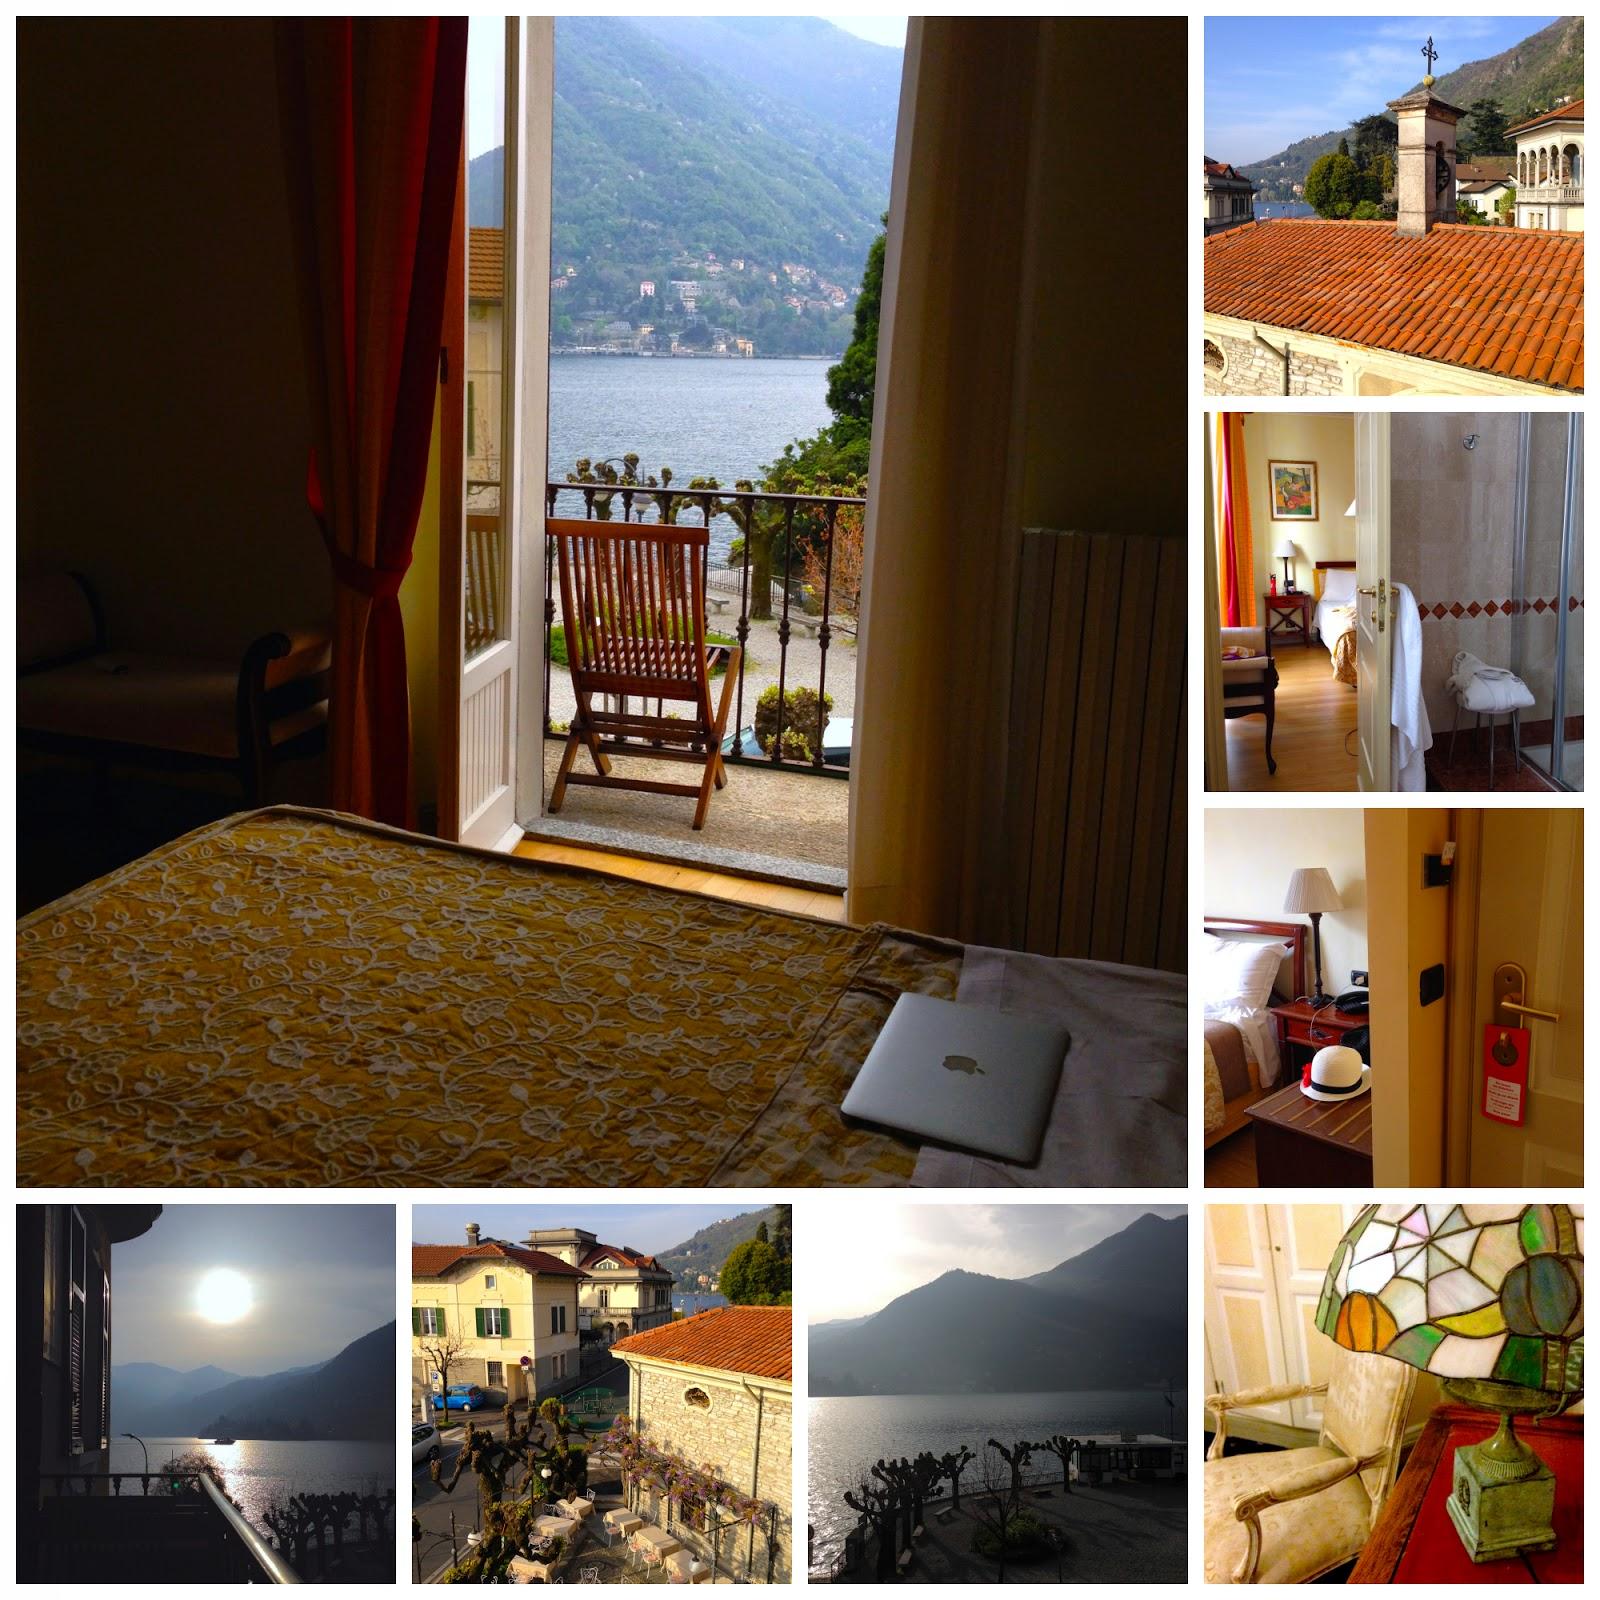 Camera con vista sul Lago di Como - foto di Elisa Chisana Hoshi